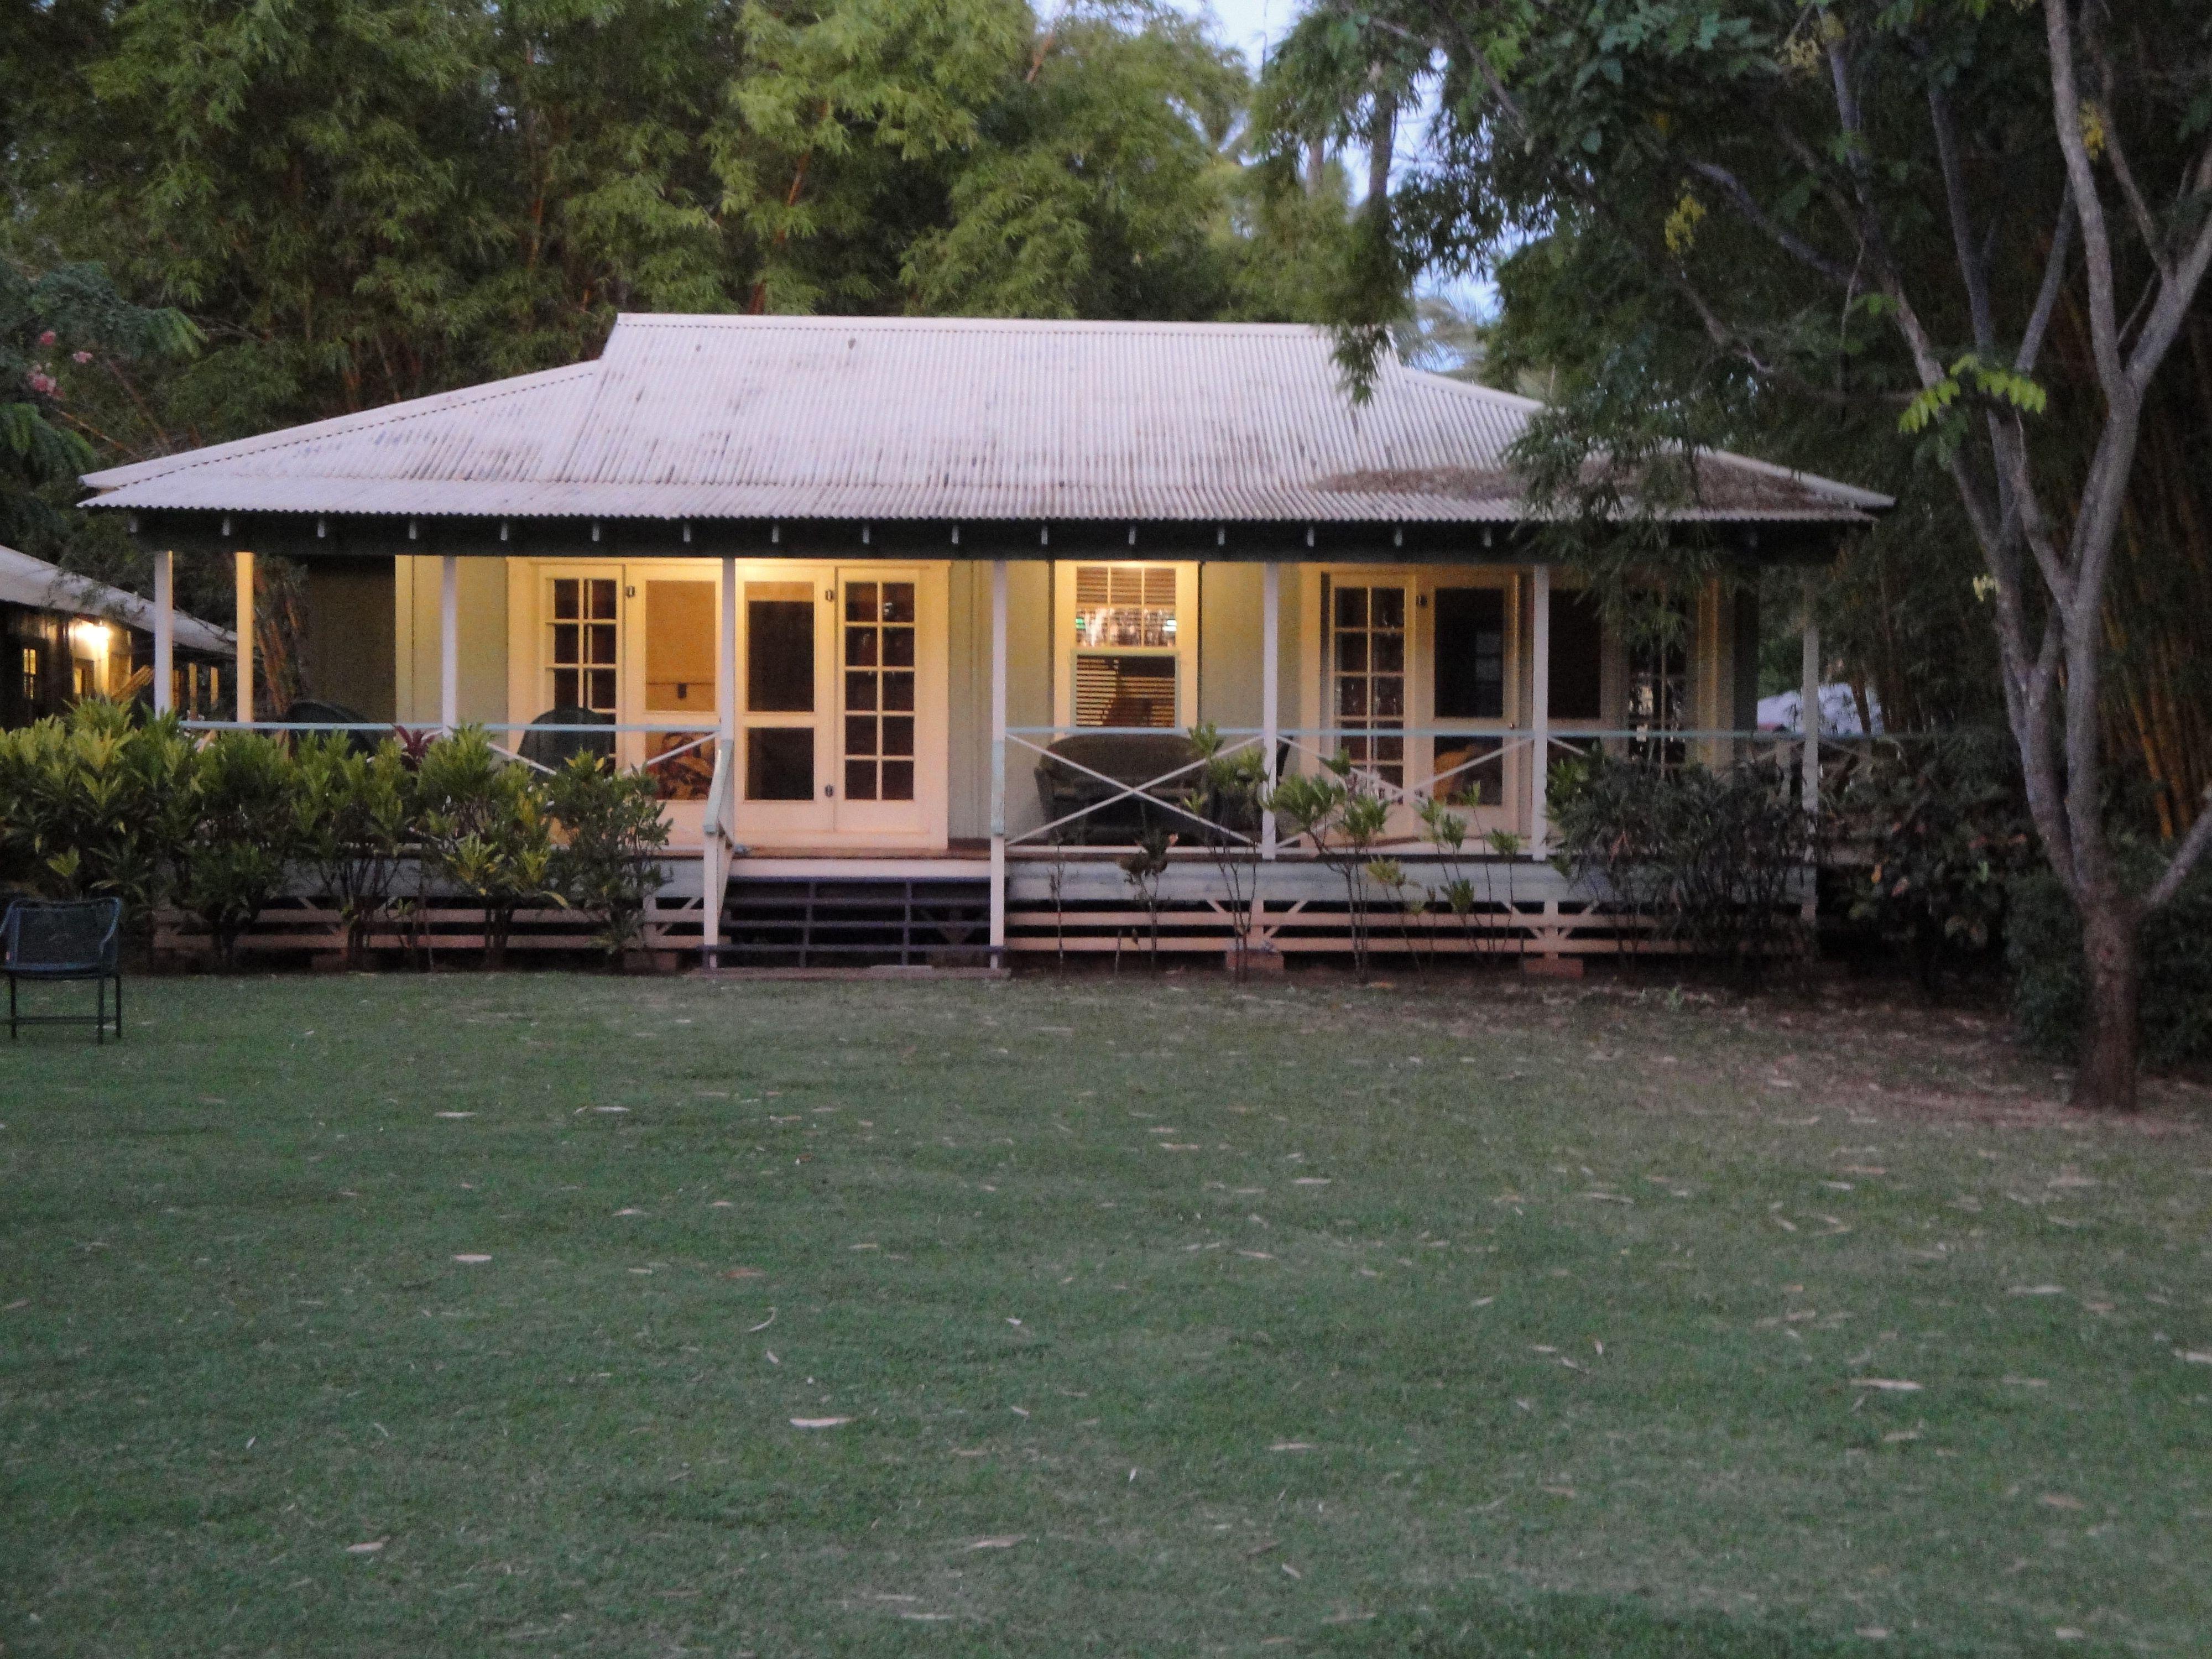 Our Cottage At Waimea Plantation Cottages September 2017